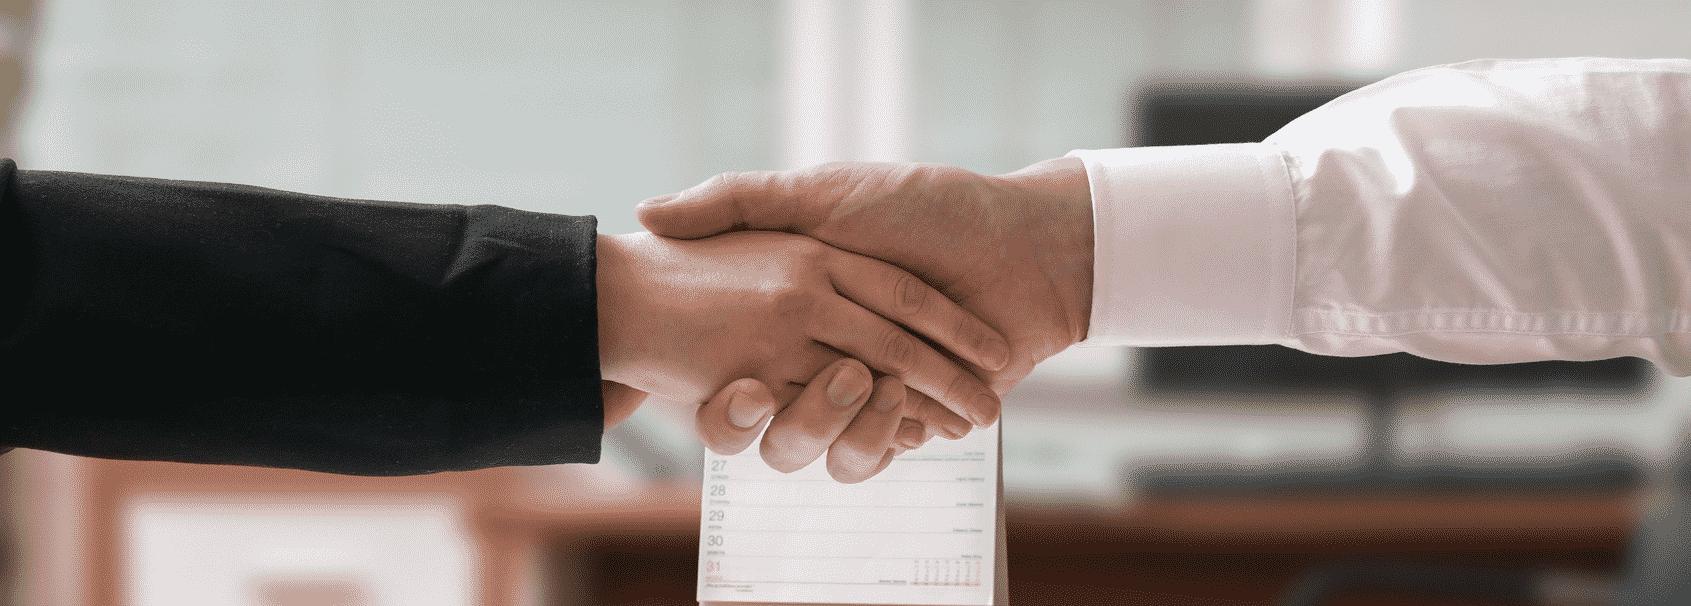 Transmission, cession et reprise d'entreprise - cabinet d'experts comptables pau bayonne